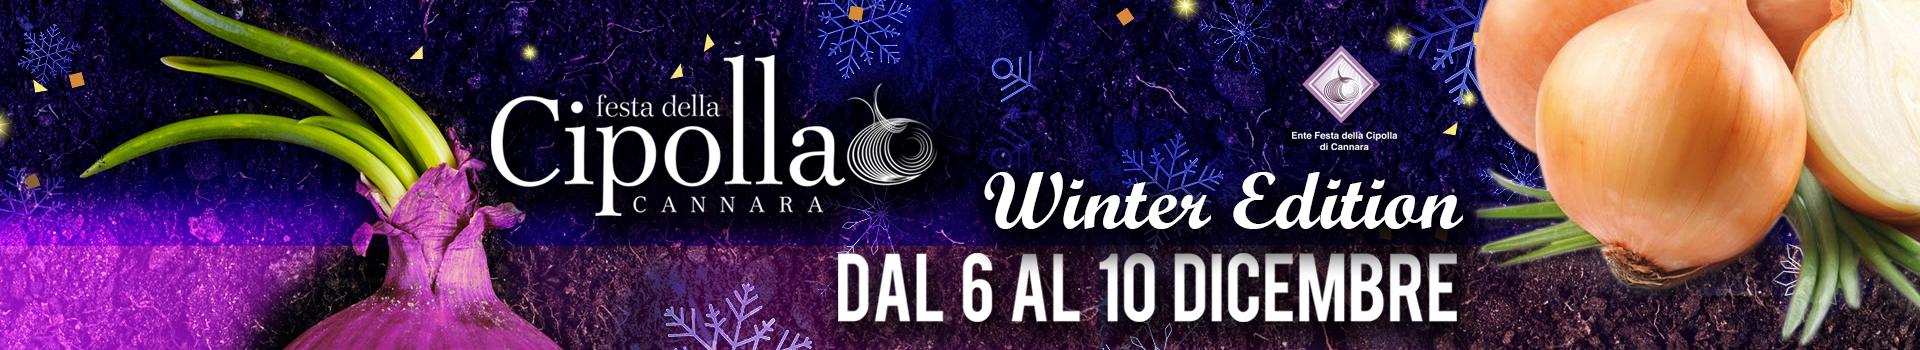 Festa della cipolla Winter Edition 2017